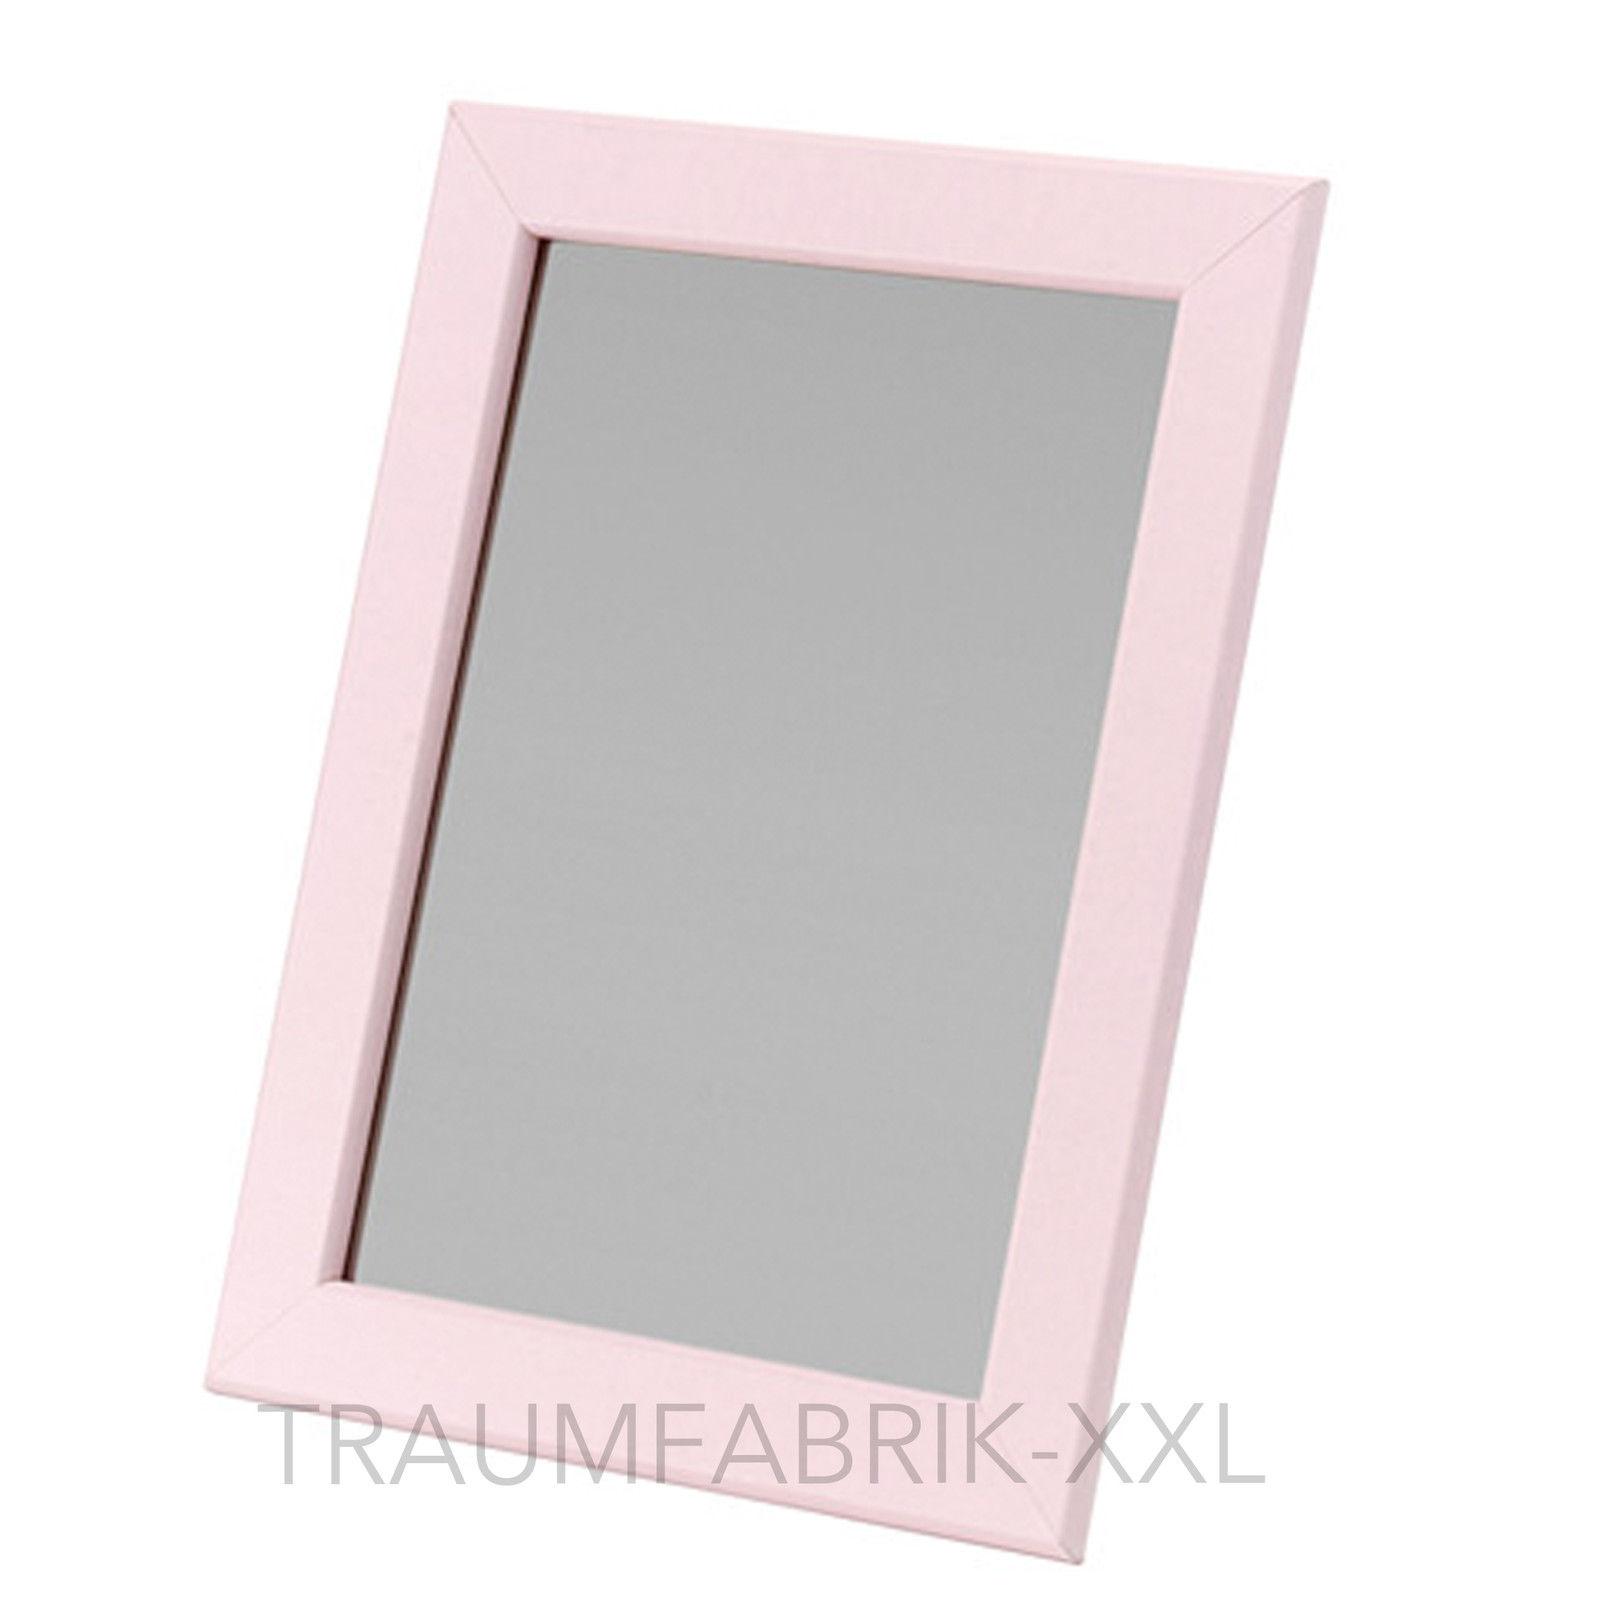 10 st ck set ikea fiskbo 13x18cm rosa bilderrahmen fotorahmen rahmen neu traumfabrik xxl. Black Bedroom Furniture Sets. Home Design Ideas